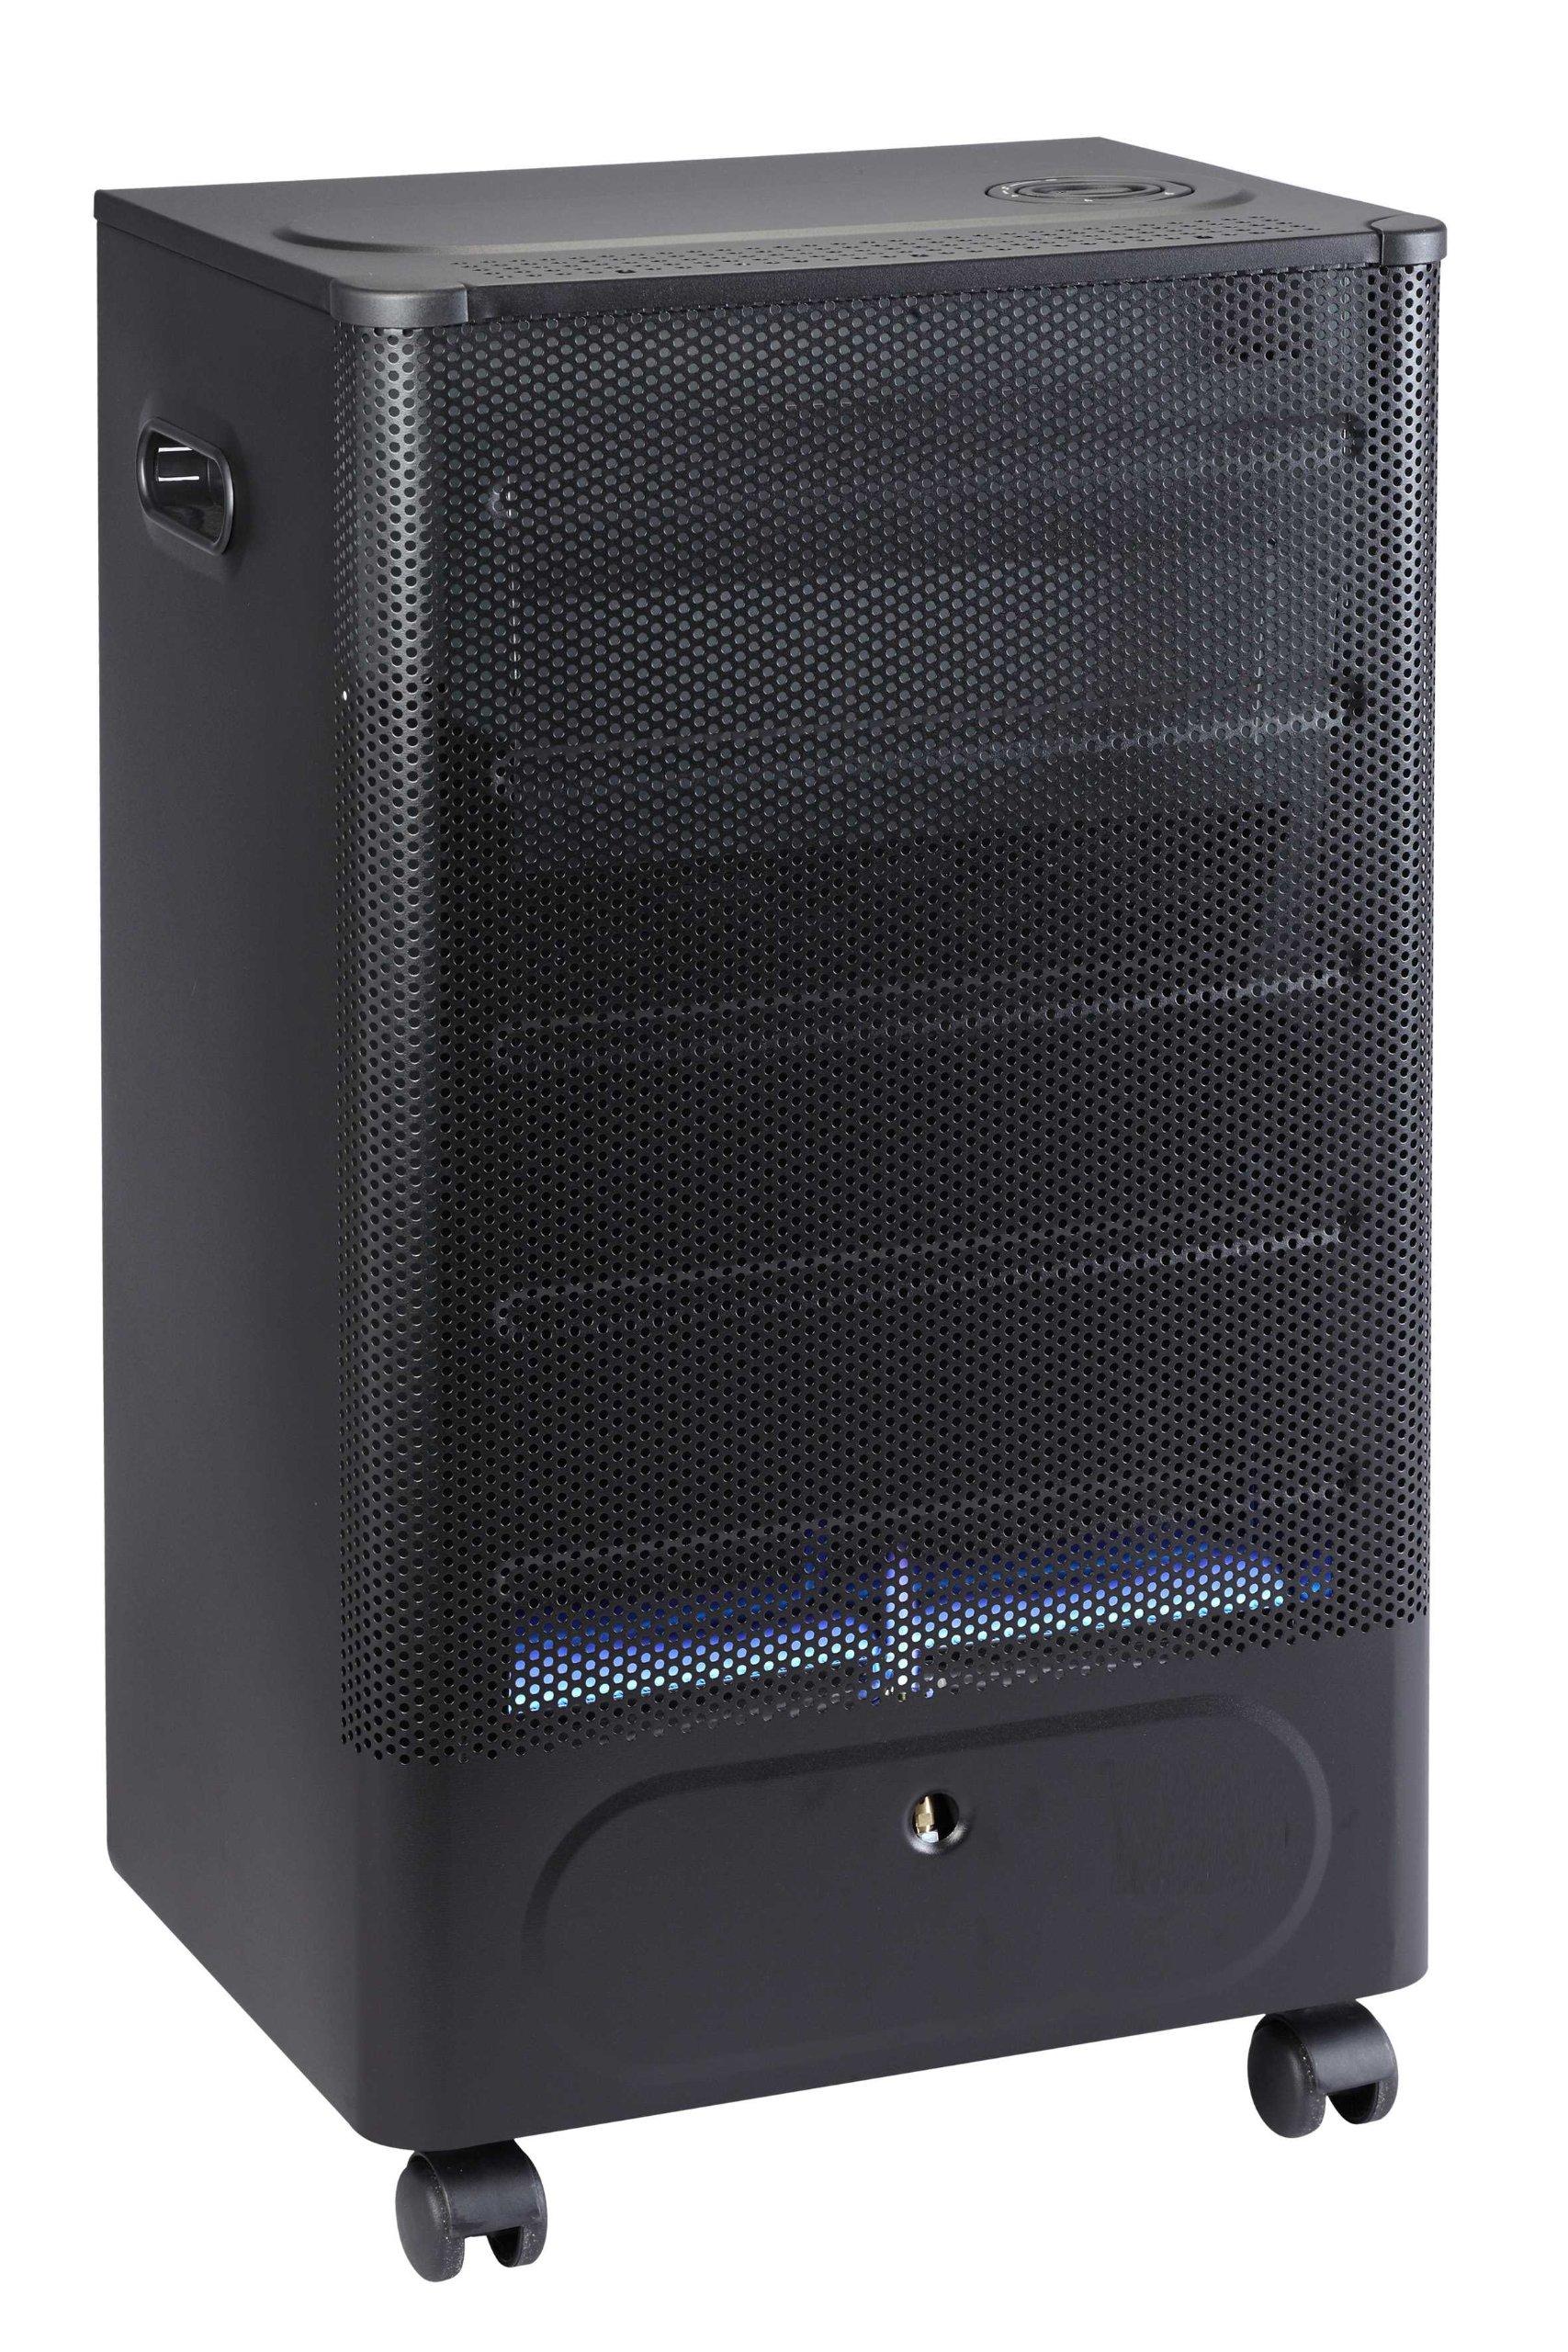 Favex 8591600 Praha Blue Flame Chauffage d'Appoint à Gaz Flamme Noir/Bleu 40 x 29 x 70 cm product image